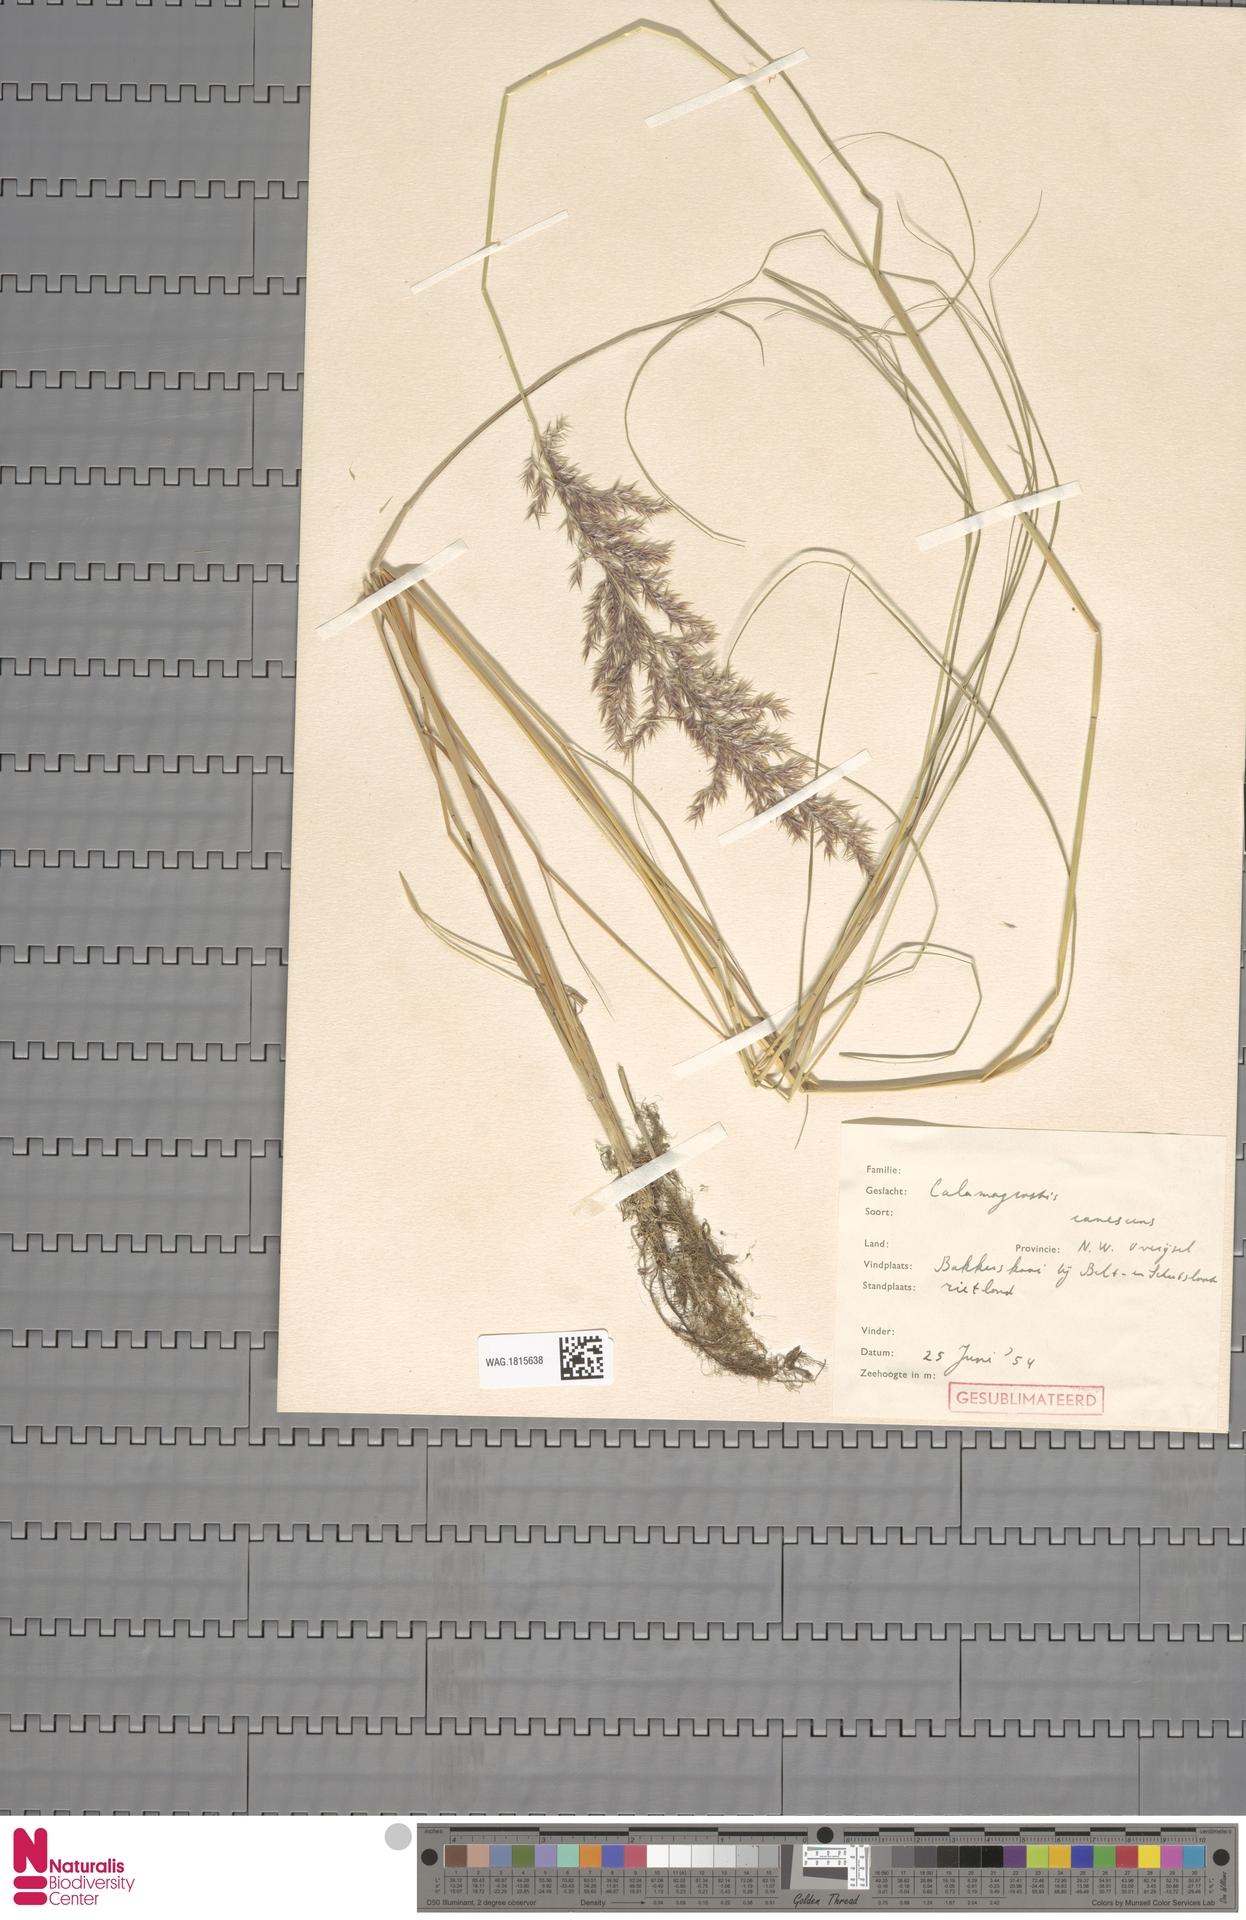 WAG.1815638 | Calamagrostis canescens (Weber) Roth